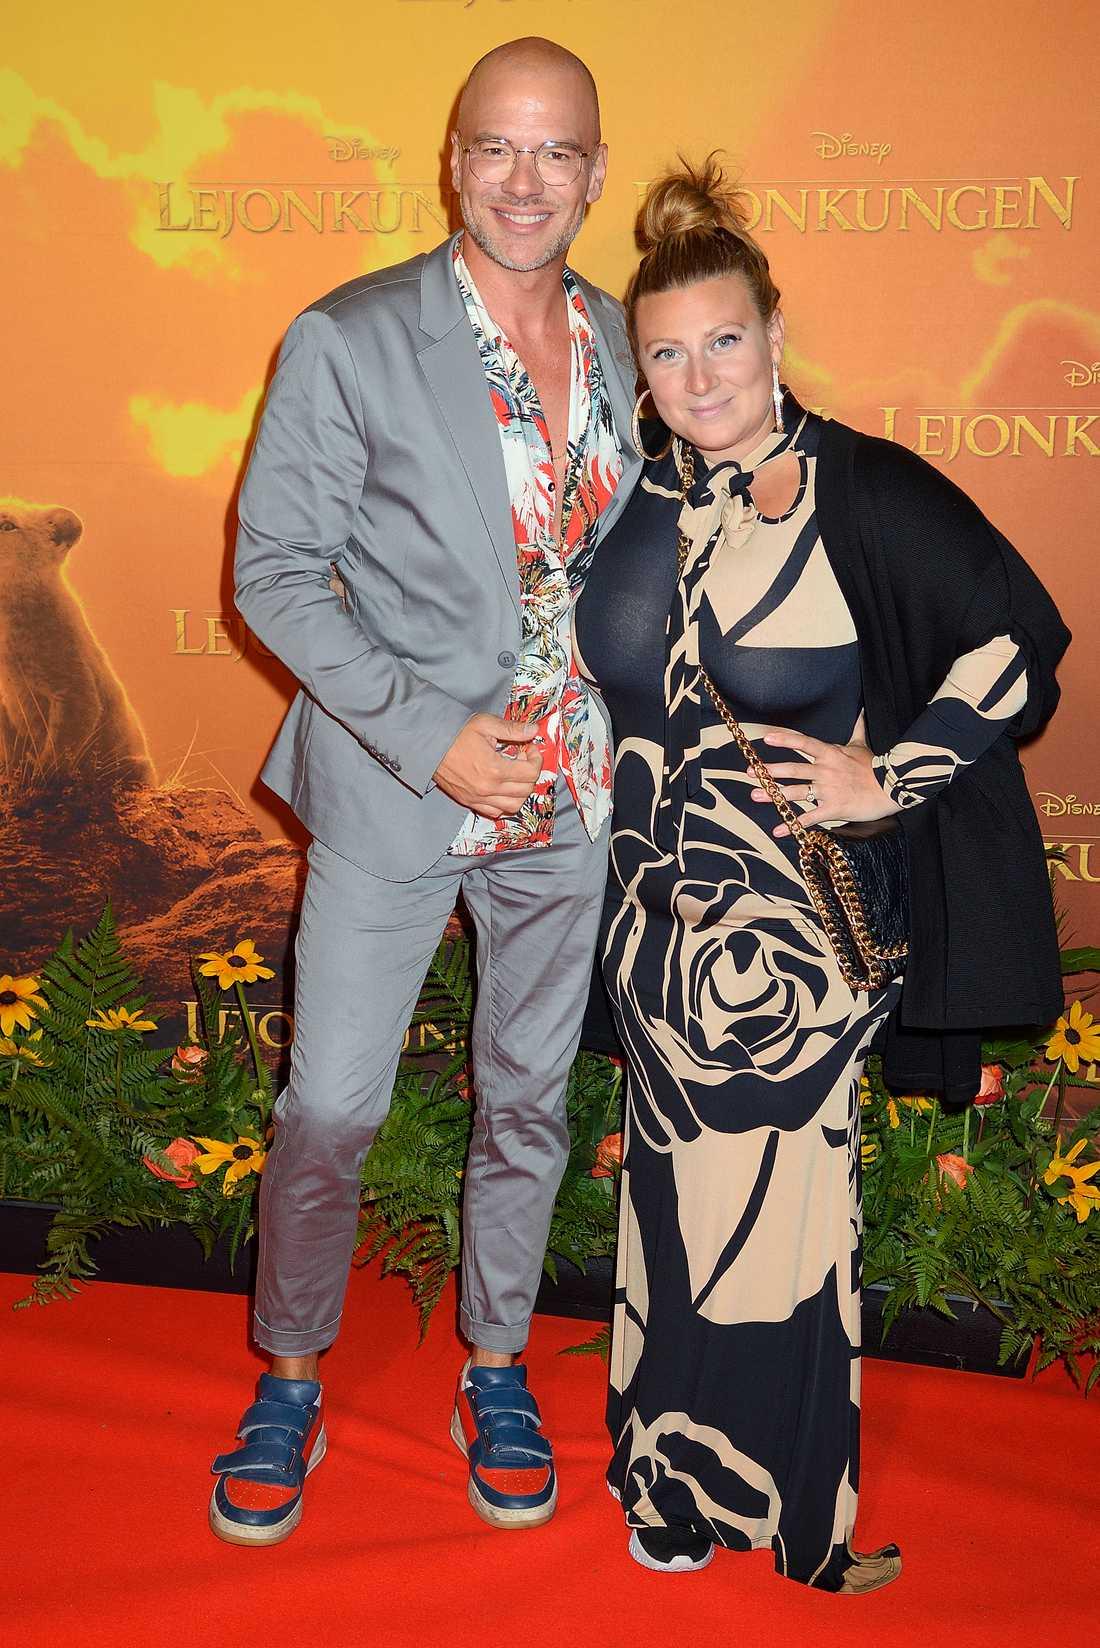 Vännerna Andreas Lundstedt och Sarah Dawn Finer dök upp på röda mattan